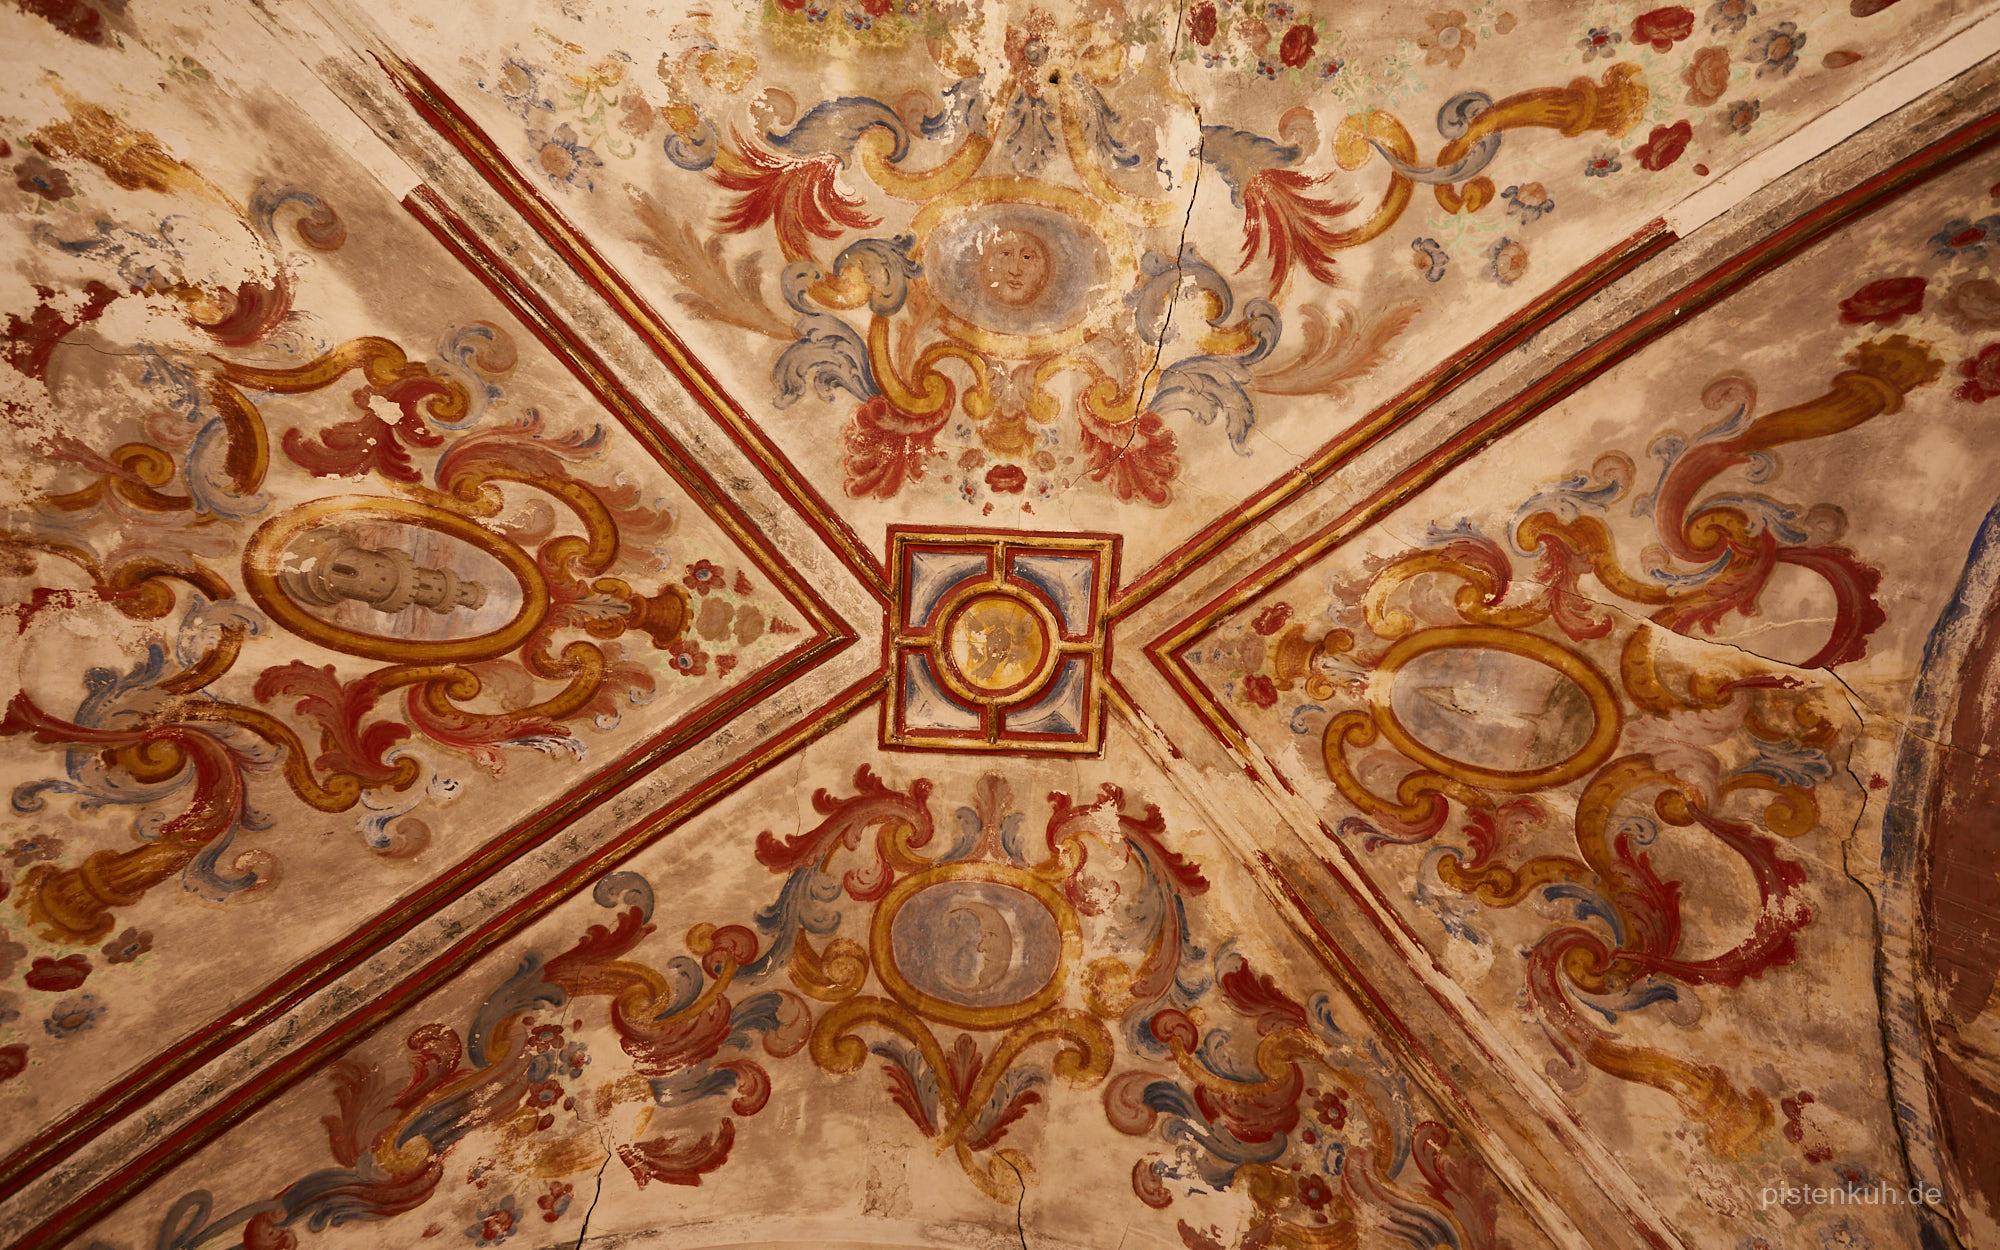 Deckengemälde in der verfallenen Kirche von Escurqilla